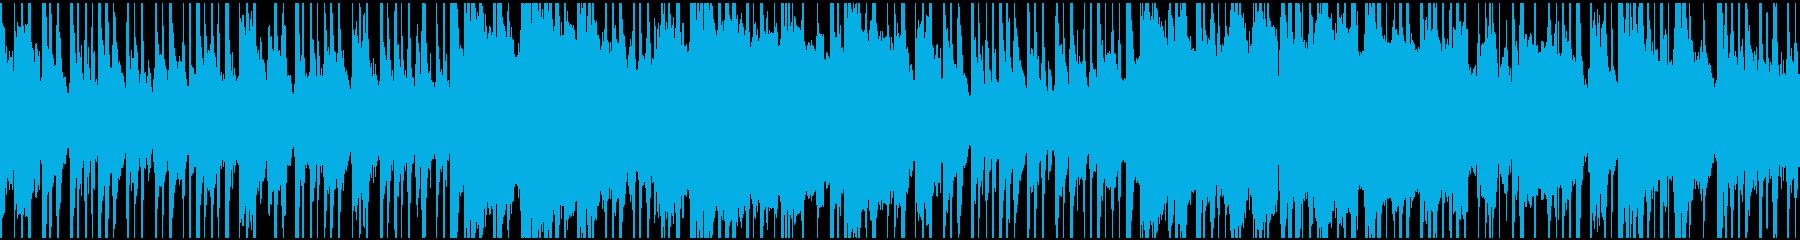 中東テイストのBGM(ループ)の再生済みの波形